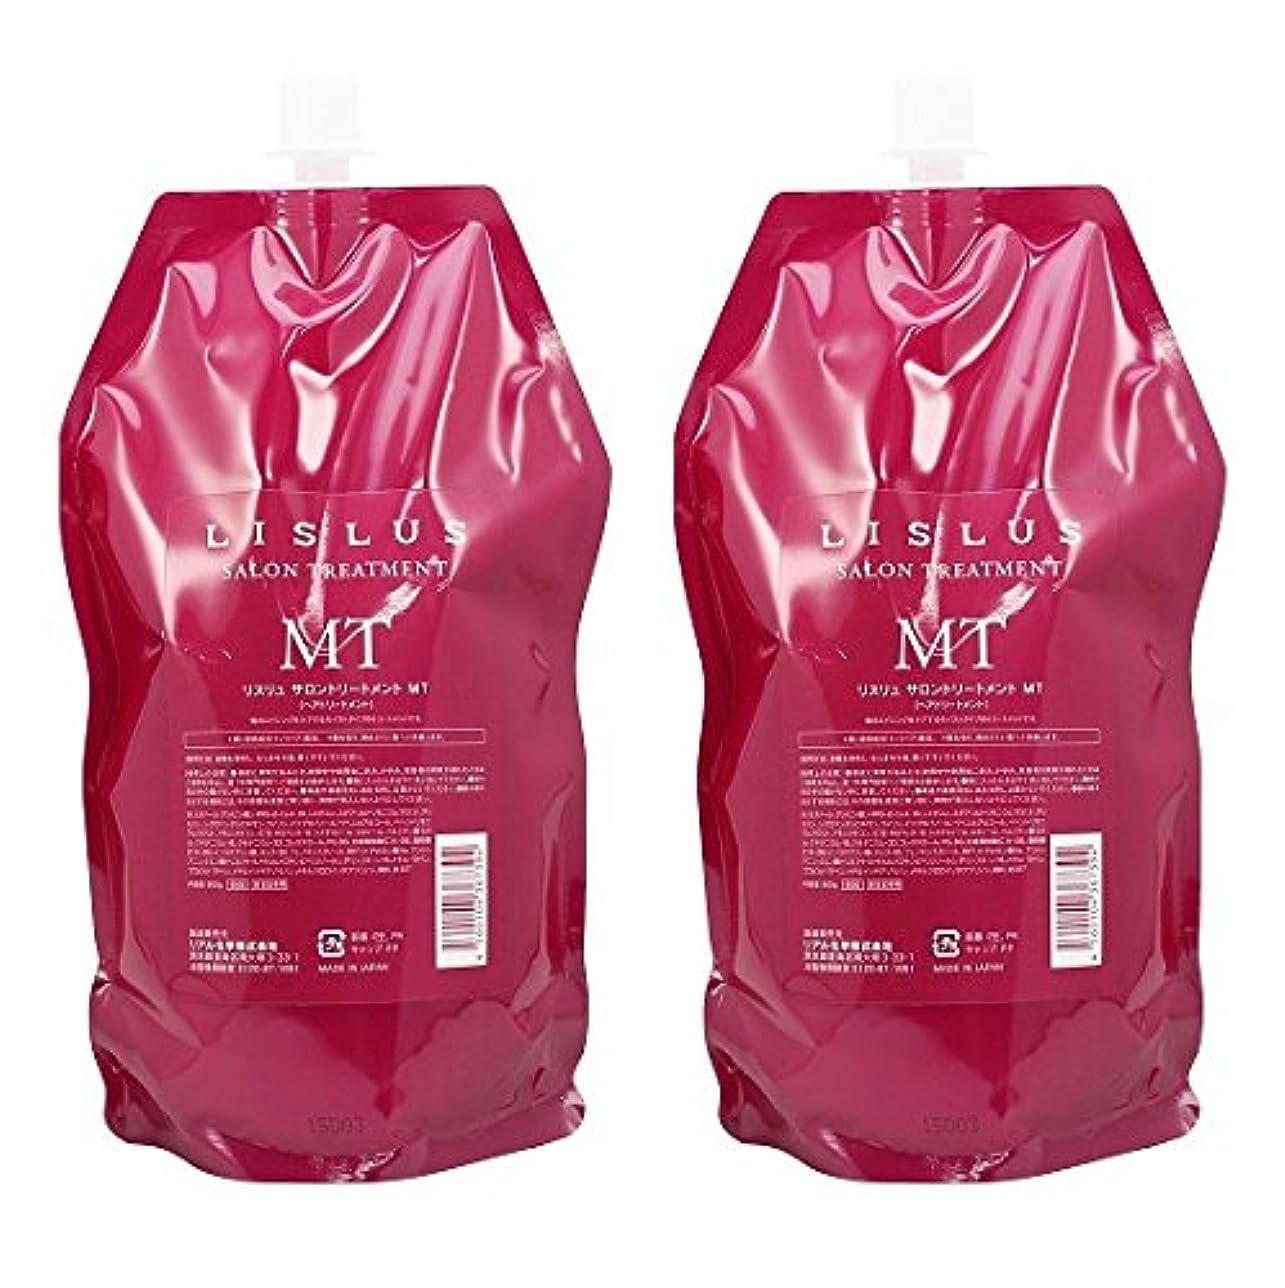 動脈そしてコンデンサー【2本セット】 リアル化学 リスリュ サロントリートメント MT 900g